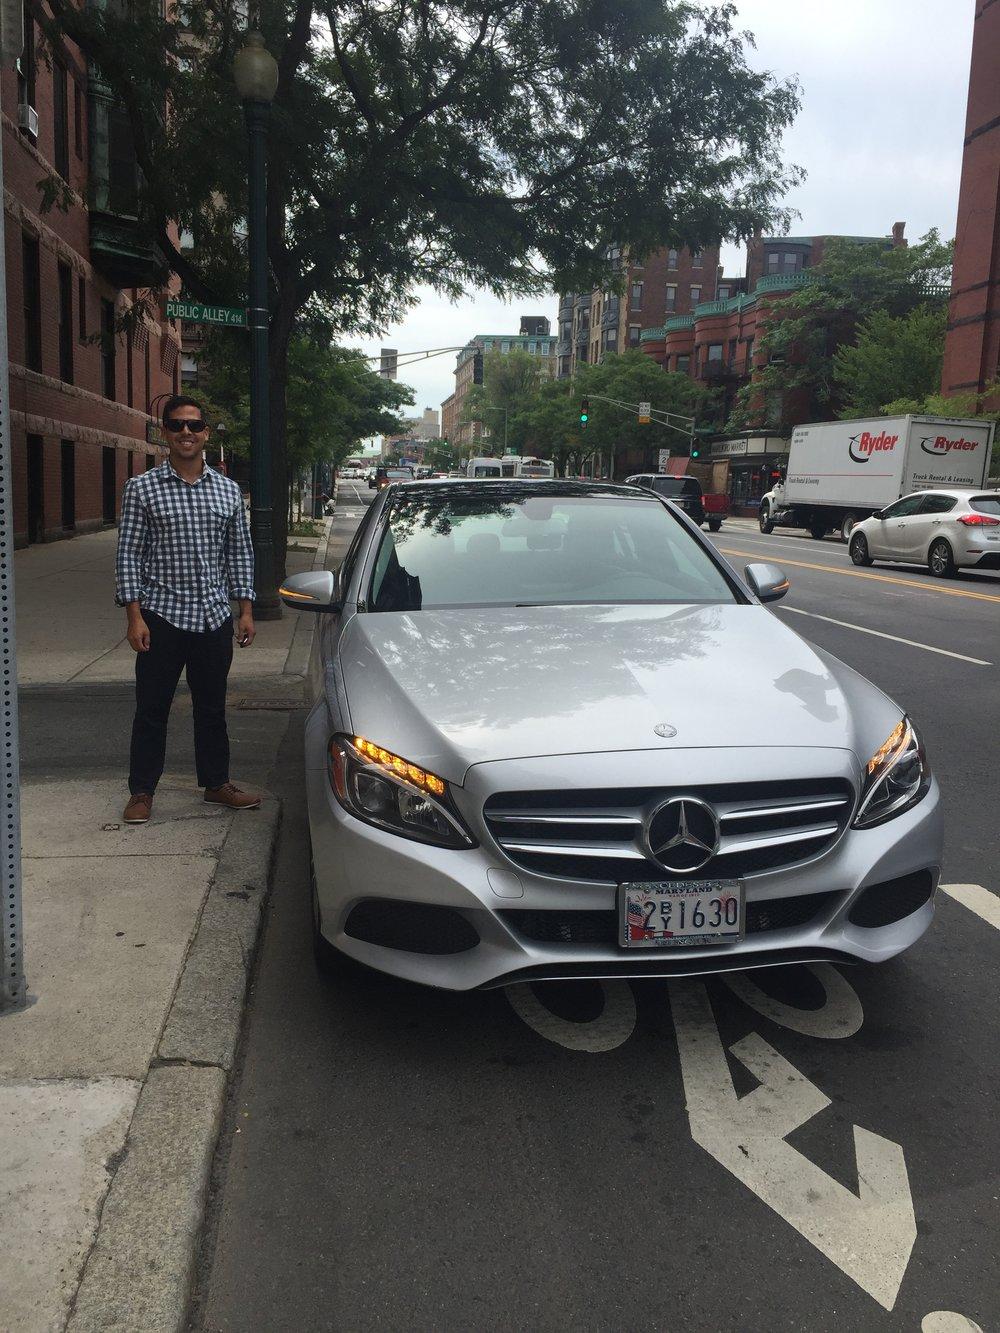 Sebas había llegado más temprano ese día a dejarme las llaves de su aparta xq se iba de paseo en el carro de James Bond.